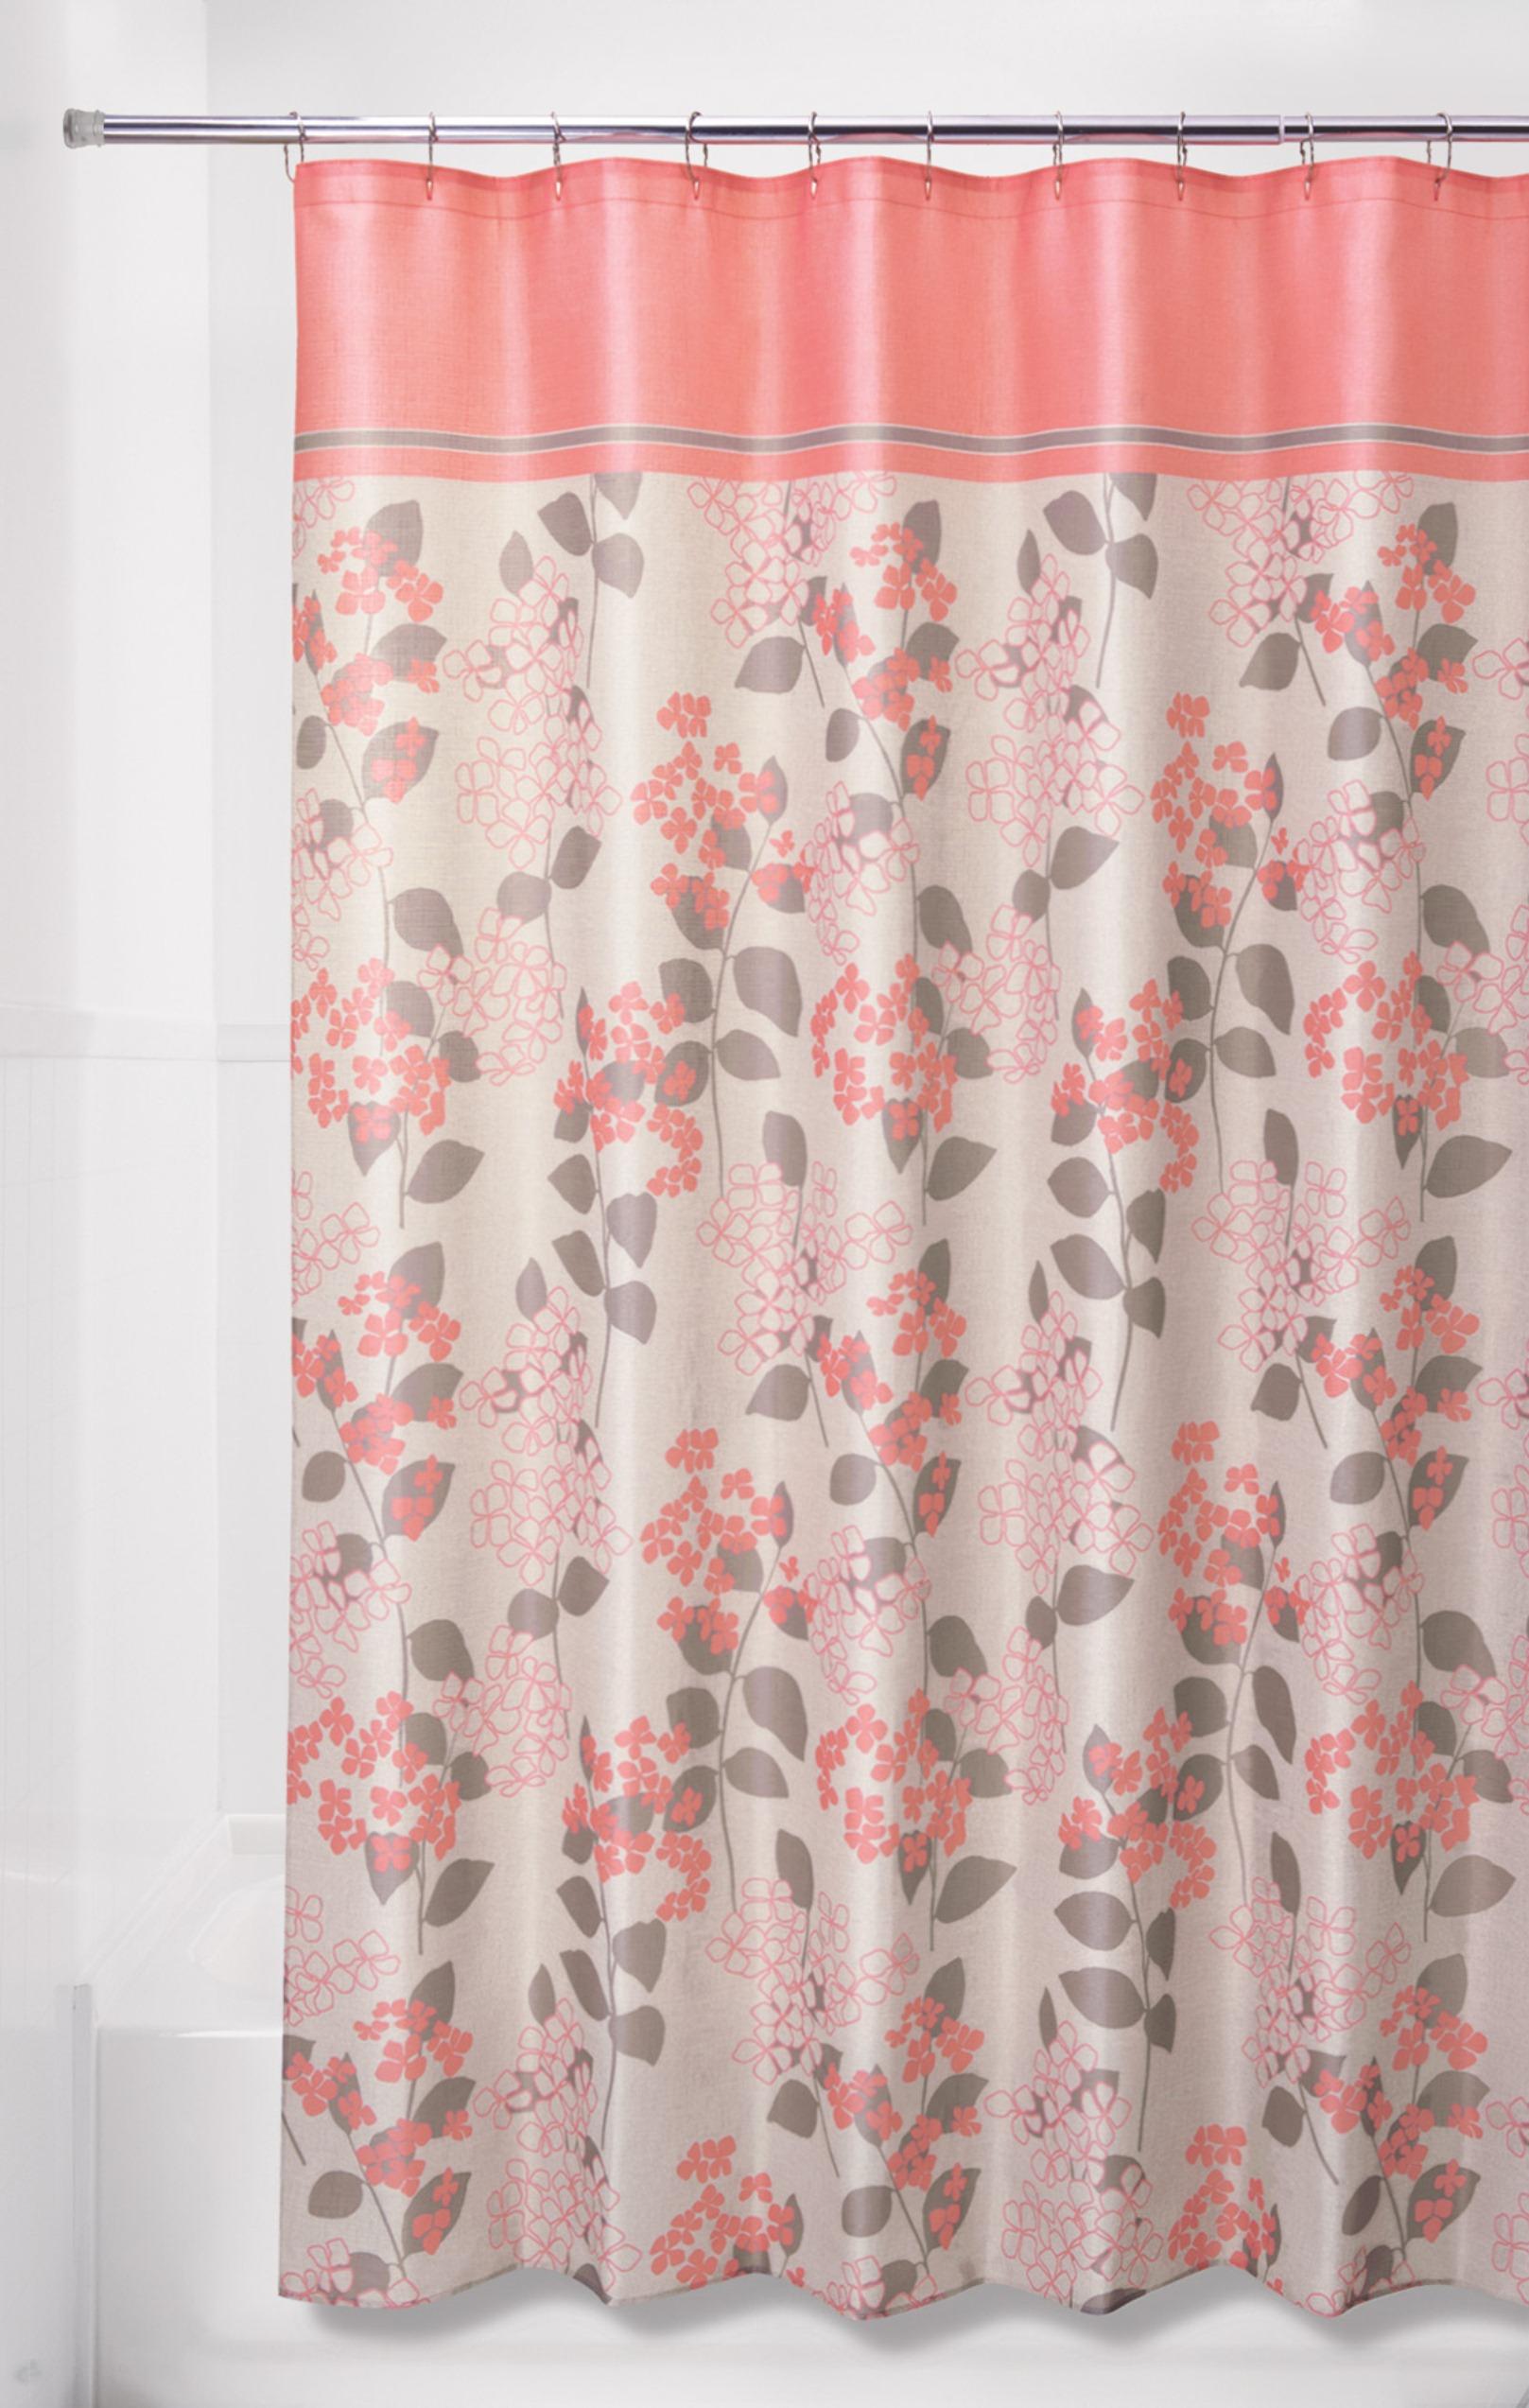 Essential Home Shower Curtain  Kmartcom